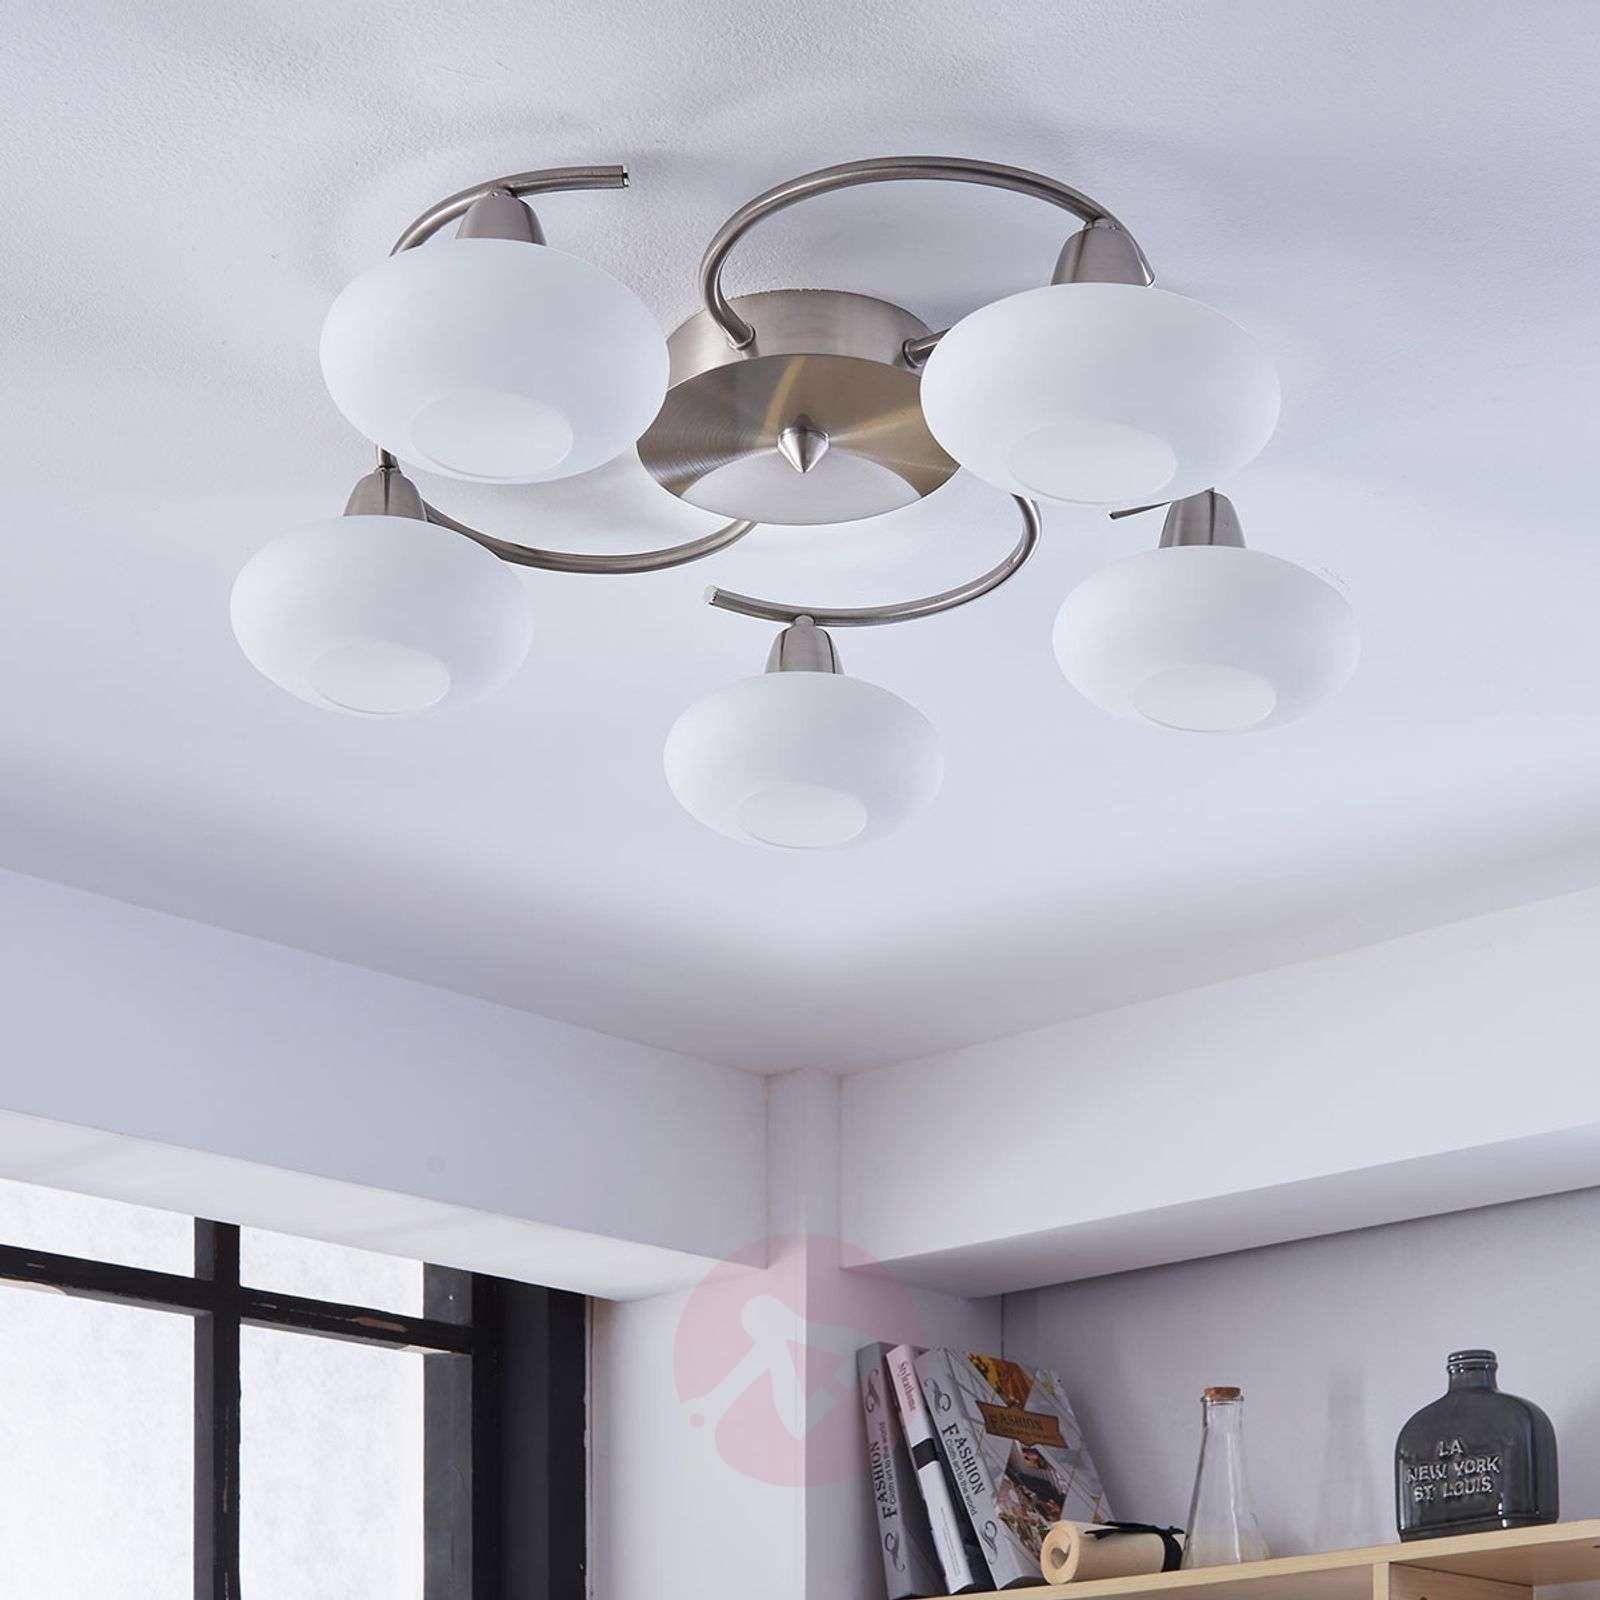 LED ceiling light Espen, matt nickel finish-9620549-030